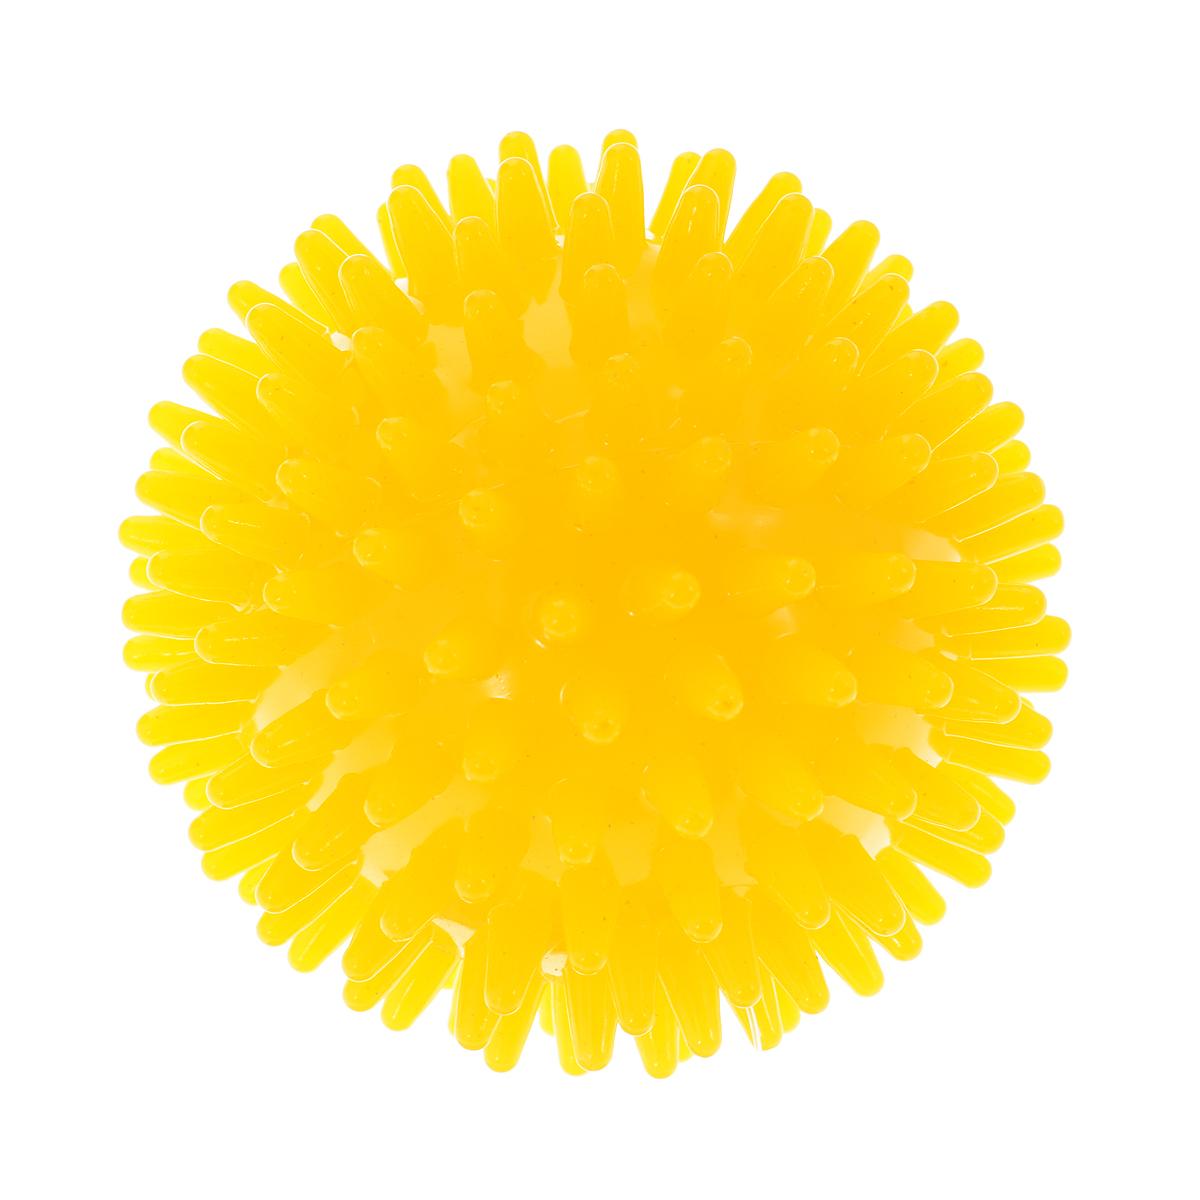 Игрушка для собак V.I.Pet Массажный мяч, цвет: желтый, диаметр 10 смBL11-015-100Игрушка для собак V.I.Pet Массажный мяч, изготовленная из ПВХ, предназначена для массажа и самомассажа рефлексогенных зон. Она имеет мягкие закругленные массажные шипы, эффективно массирующие и не травмирующие кожу. Игрушка не позволит скучать вашему питомцу ни дома, ни на улице. Диаметр: 10 см.